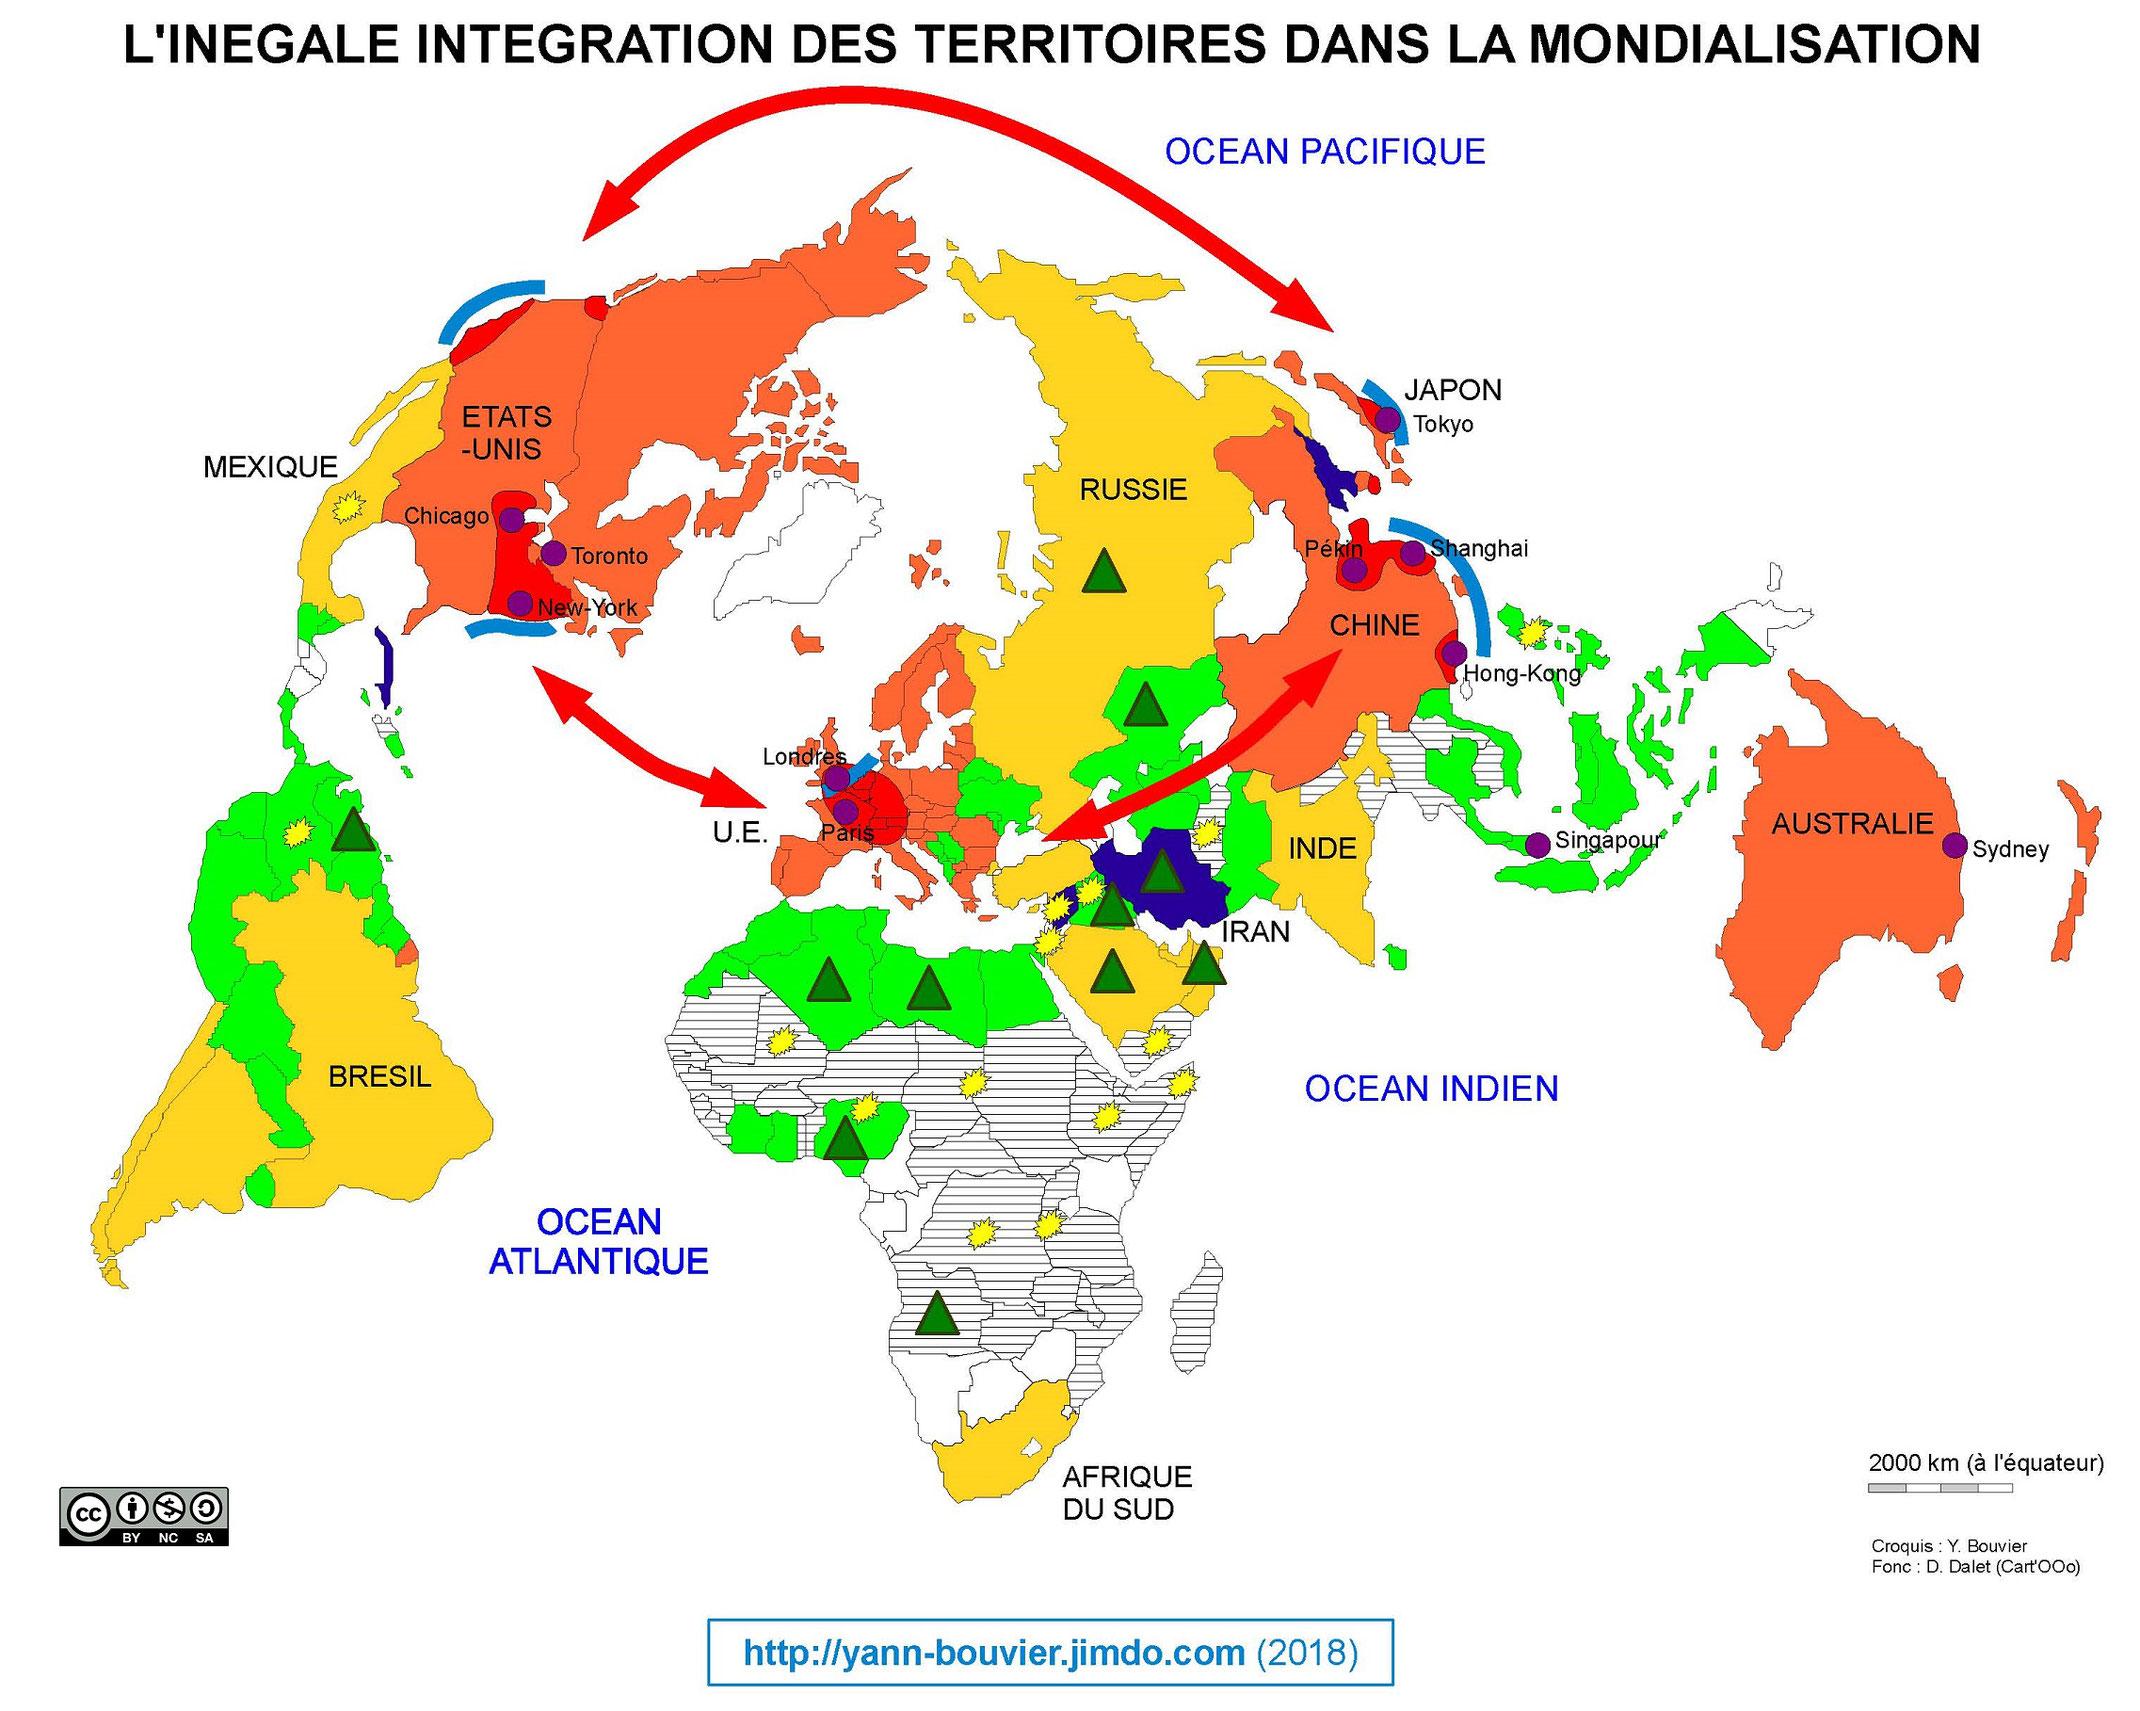 Dissertation sur la mondialisation terminale